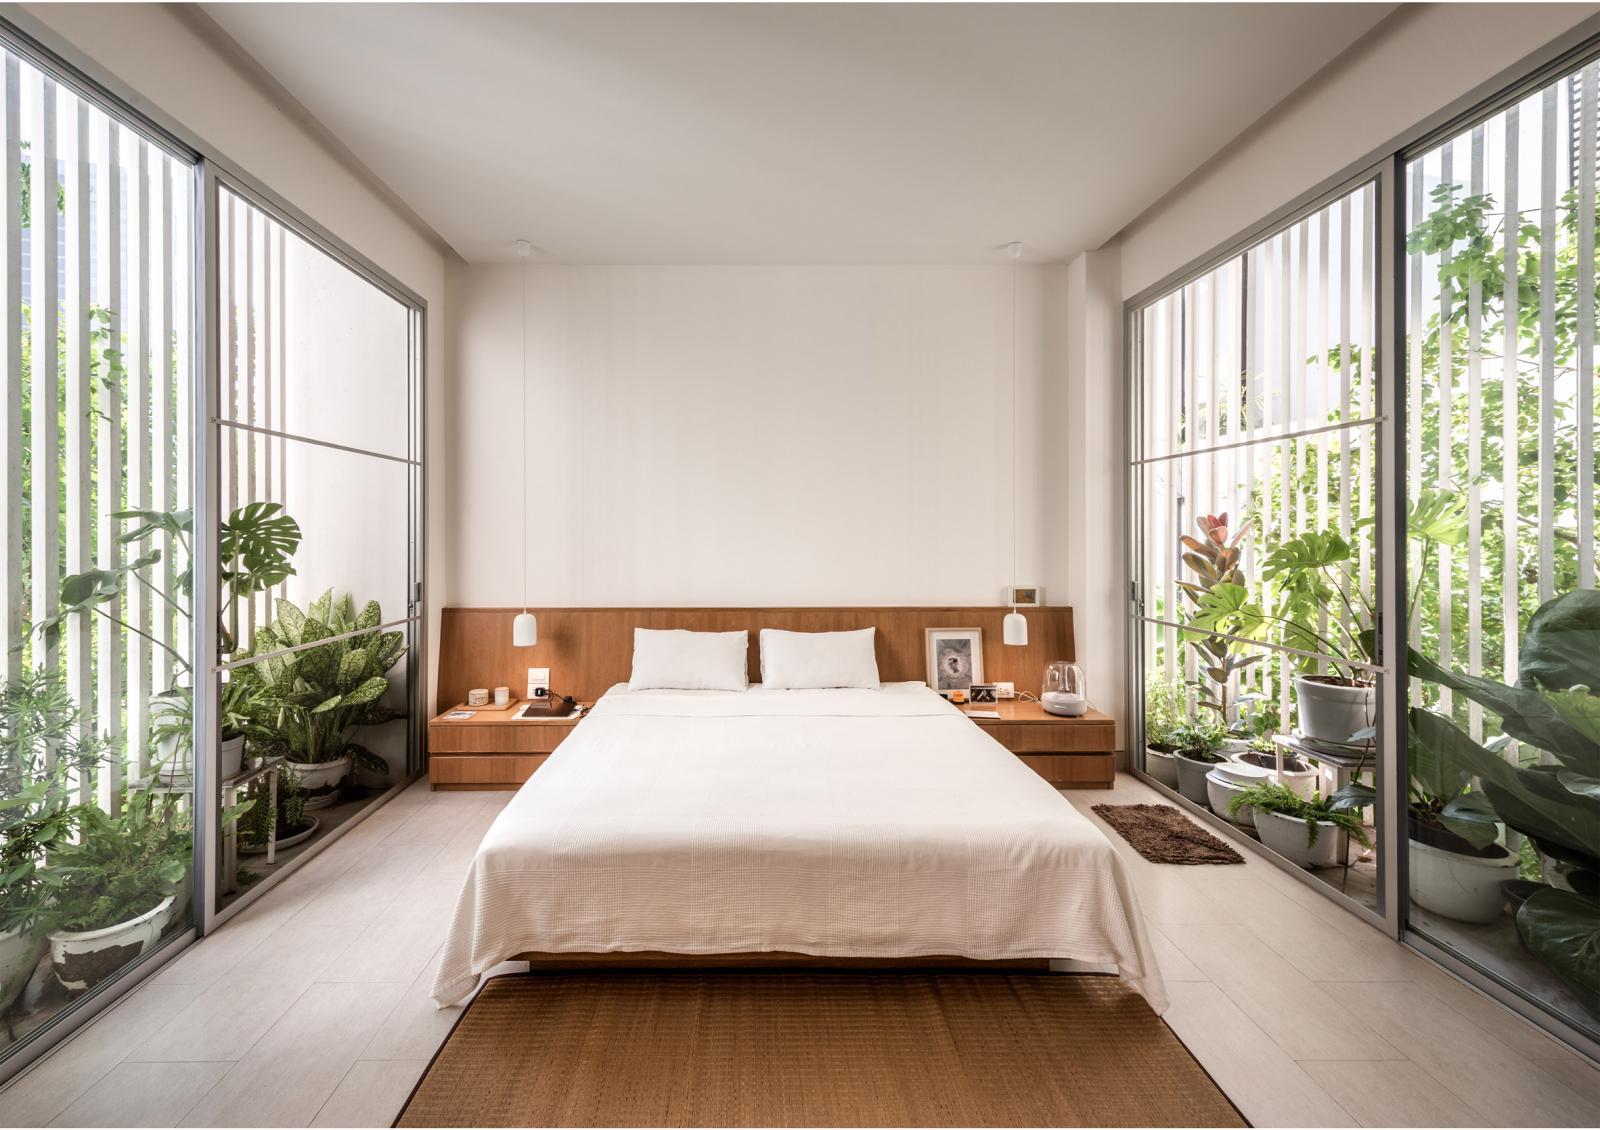 Hai ban công dài và hẹp bao quanh phòng ngủ chính được lấp đầy bởi những chậu cây xanh tốt. Hệ cửa kính trong suốt lấy sáng tự nhiên và thông gió tối ưu cho căn phòng.